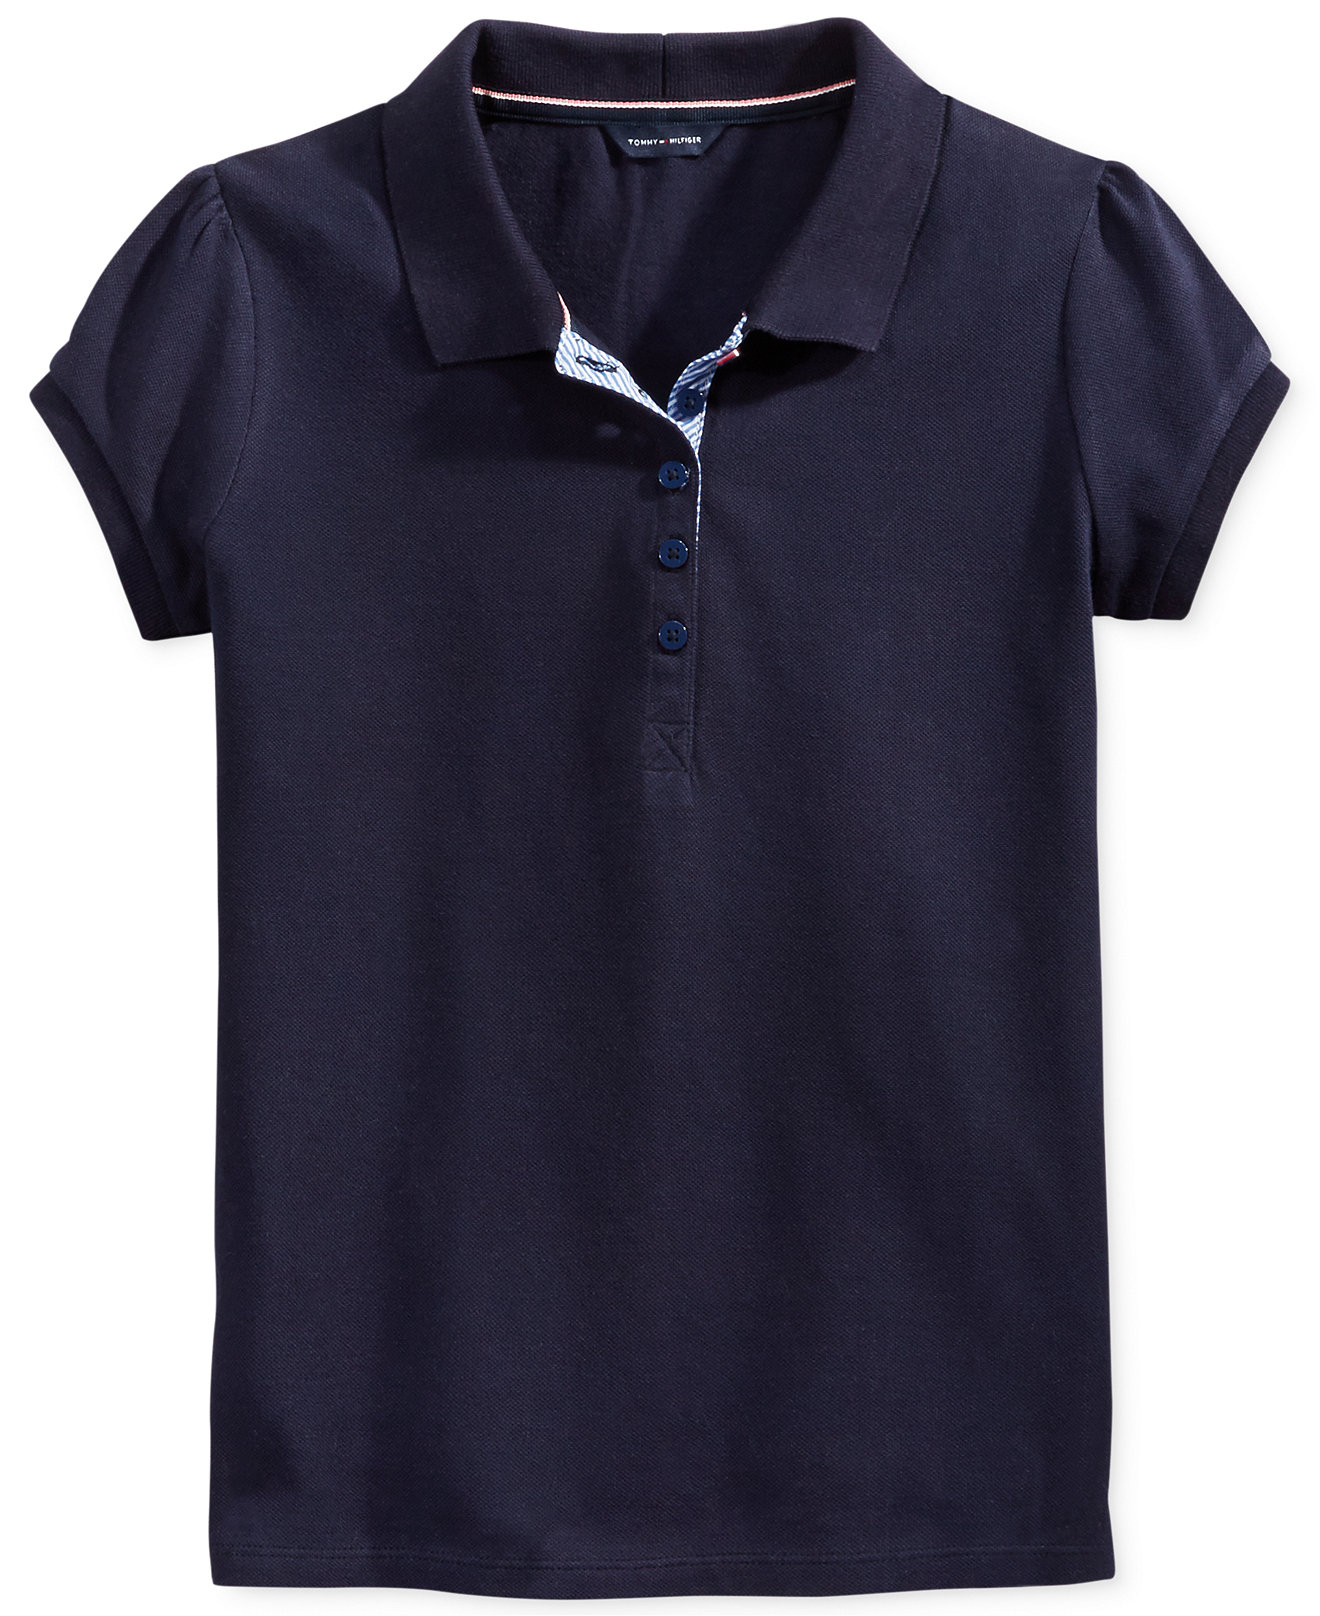 Футболка детская Tommy hilfiger  2015 POLO футболка детская tommy hilfiger 2015 polo ml